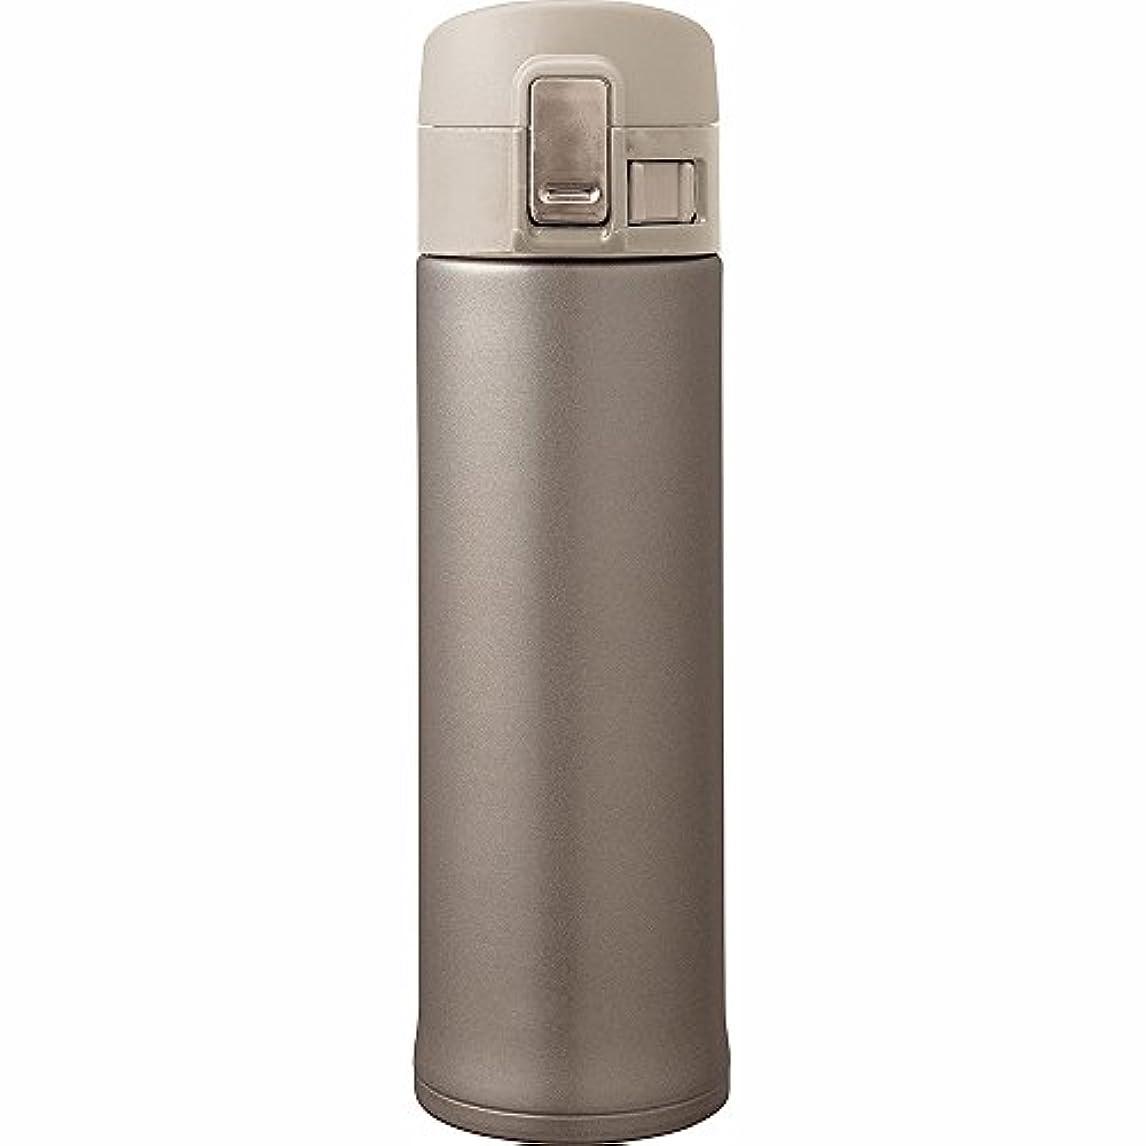 蜜雰囲気ペースFeelyer ステンレス製断熱カップ大容量カップ耐久性のあるコーヒーカップBPAフリーのホットコーヒーカップ減摩品質保証 顧客に愛されて (色 : ゴールド, サイズ : L)